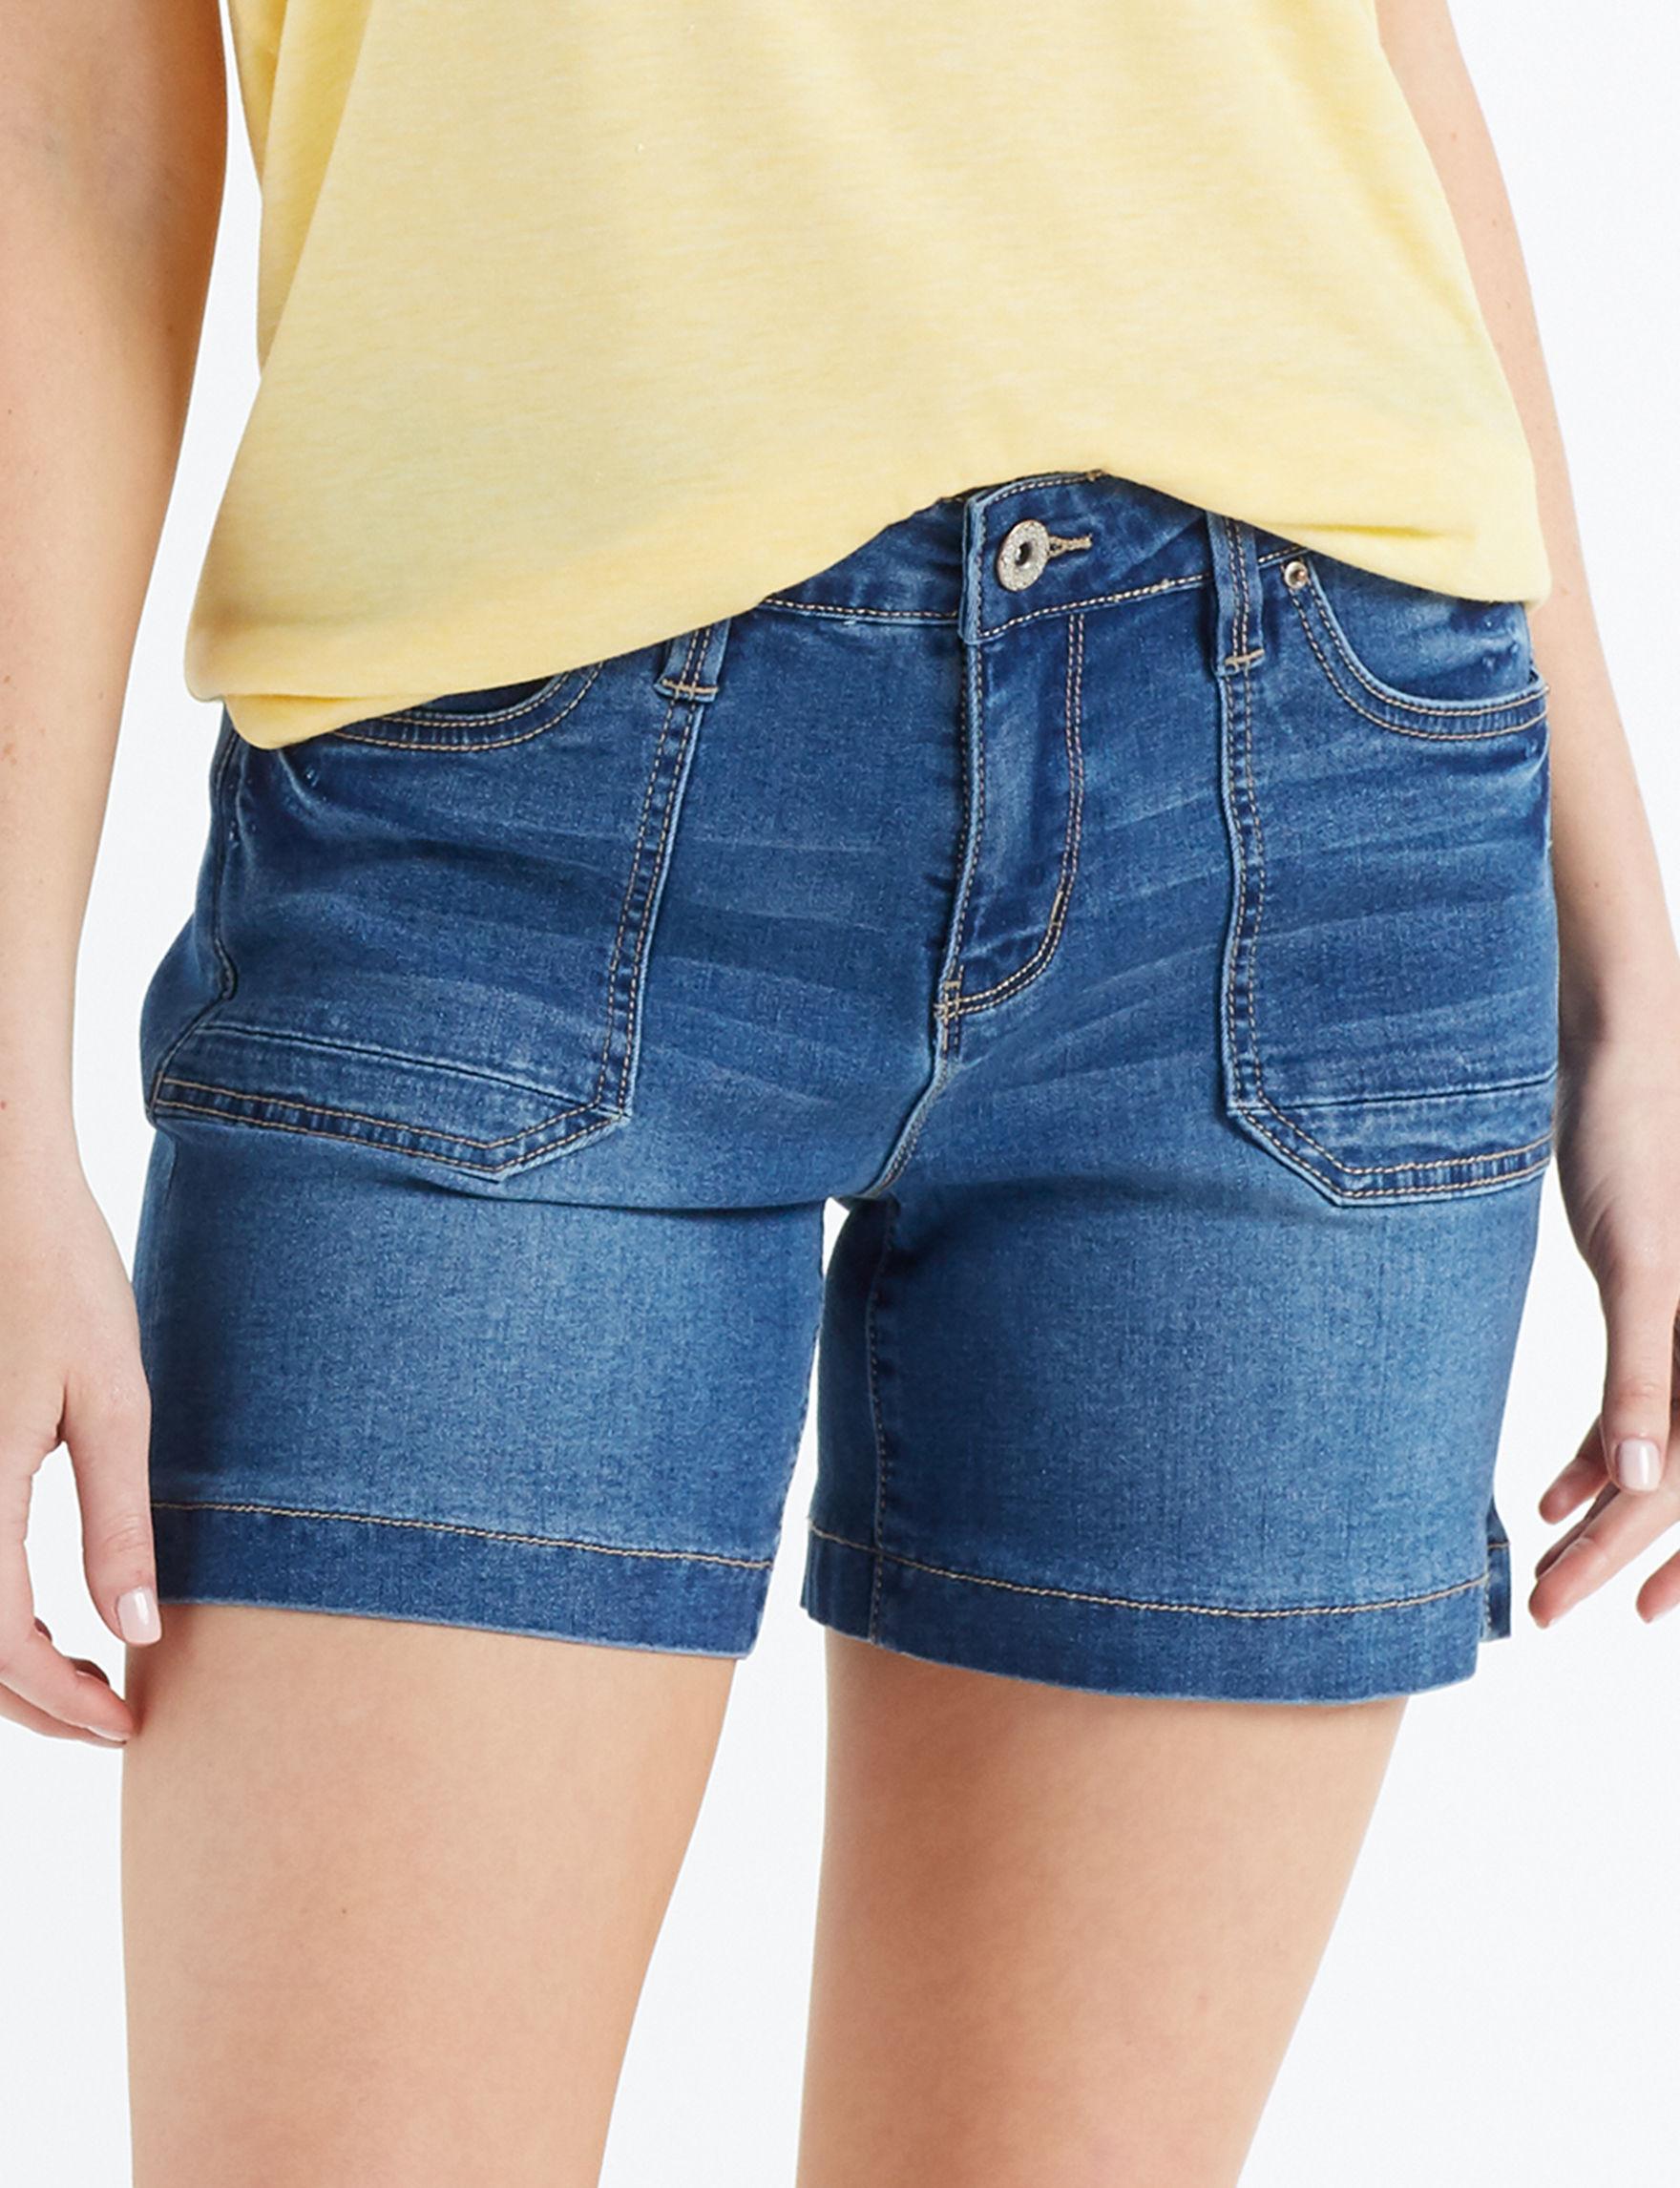 Signature Studio Blue Denim Shorts